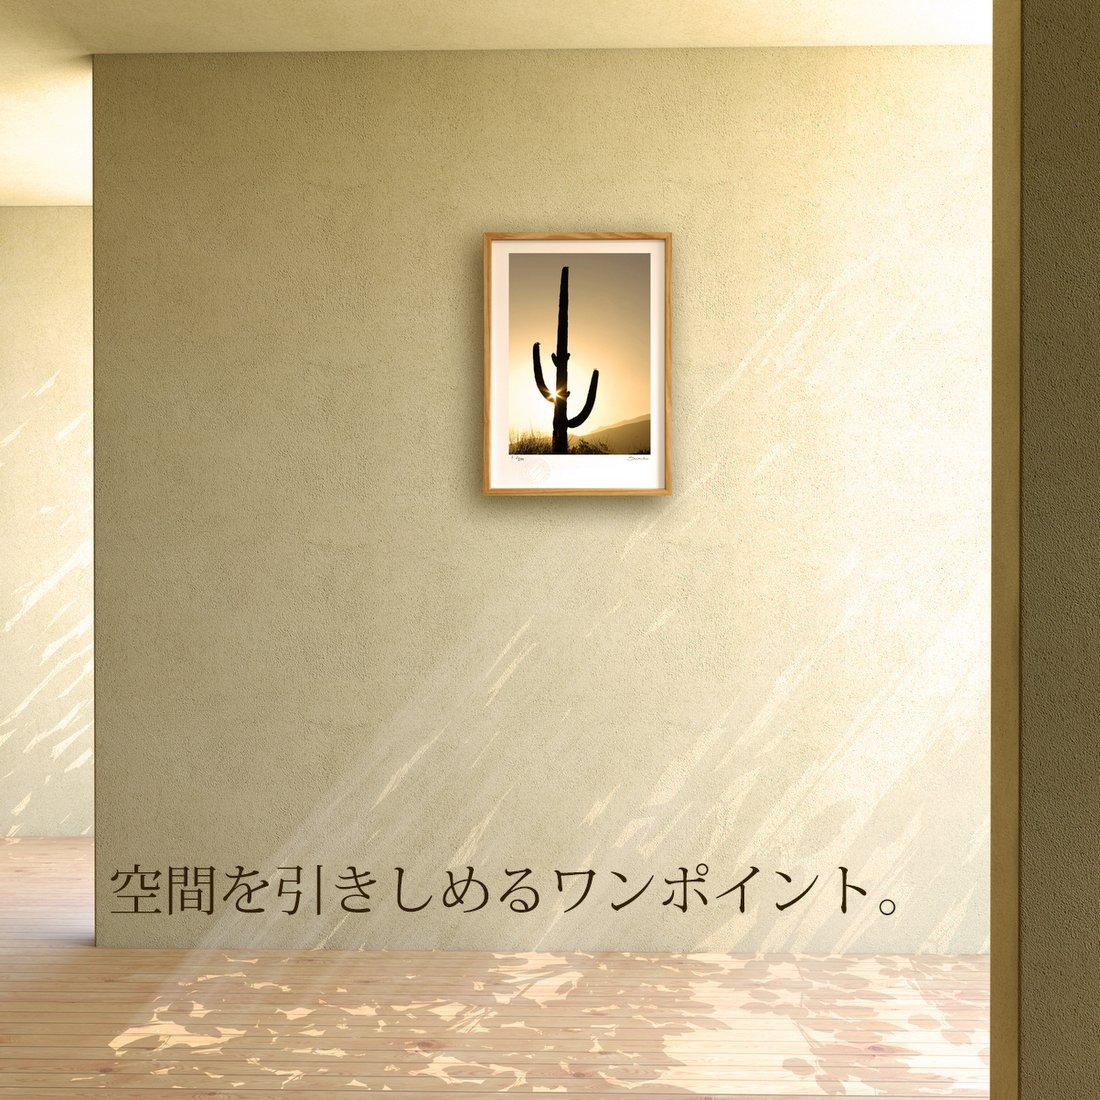 【版画 絵画】カクタスアート7(スミコ スコット)/インテリア 壁掛け 額入り アート アートパネル アートフレーム